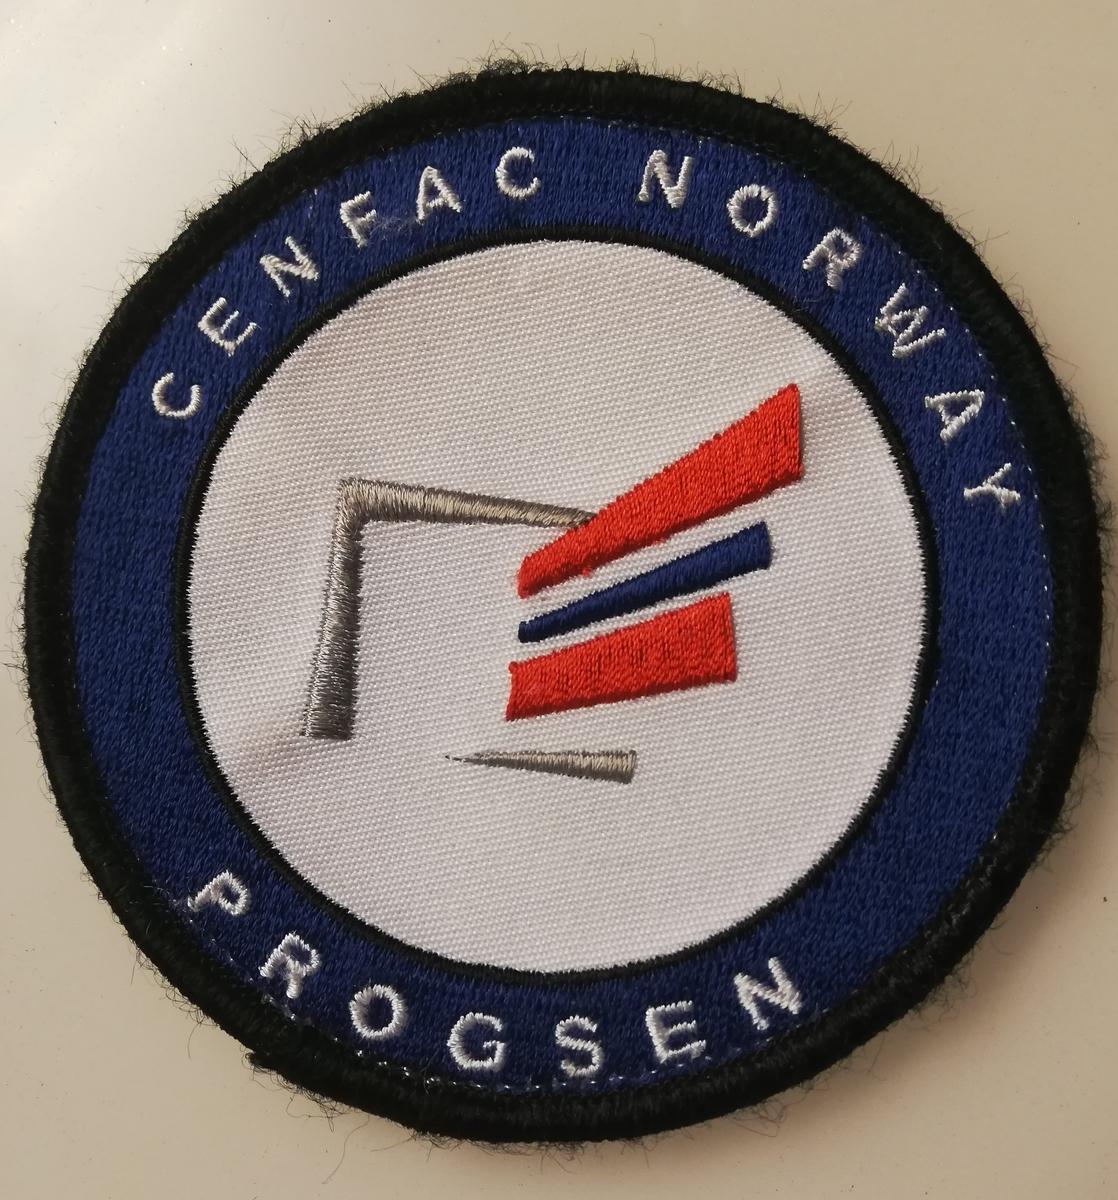 Programmeringssenteret var delt inn i en nasjonal og en NATO del, CENFAC (Central Facilities) var NATO avdelingen av programmeringssenteret.